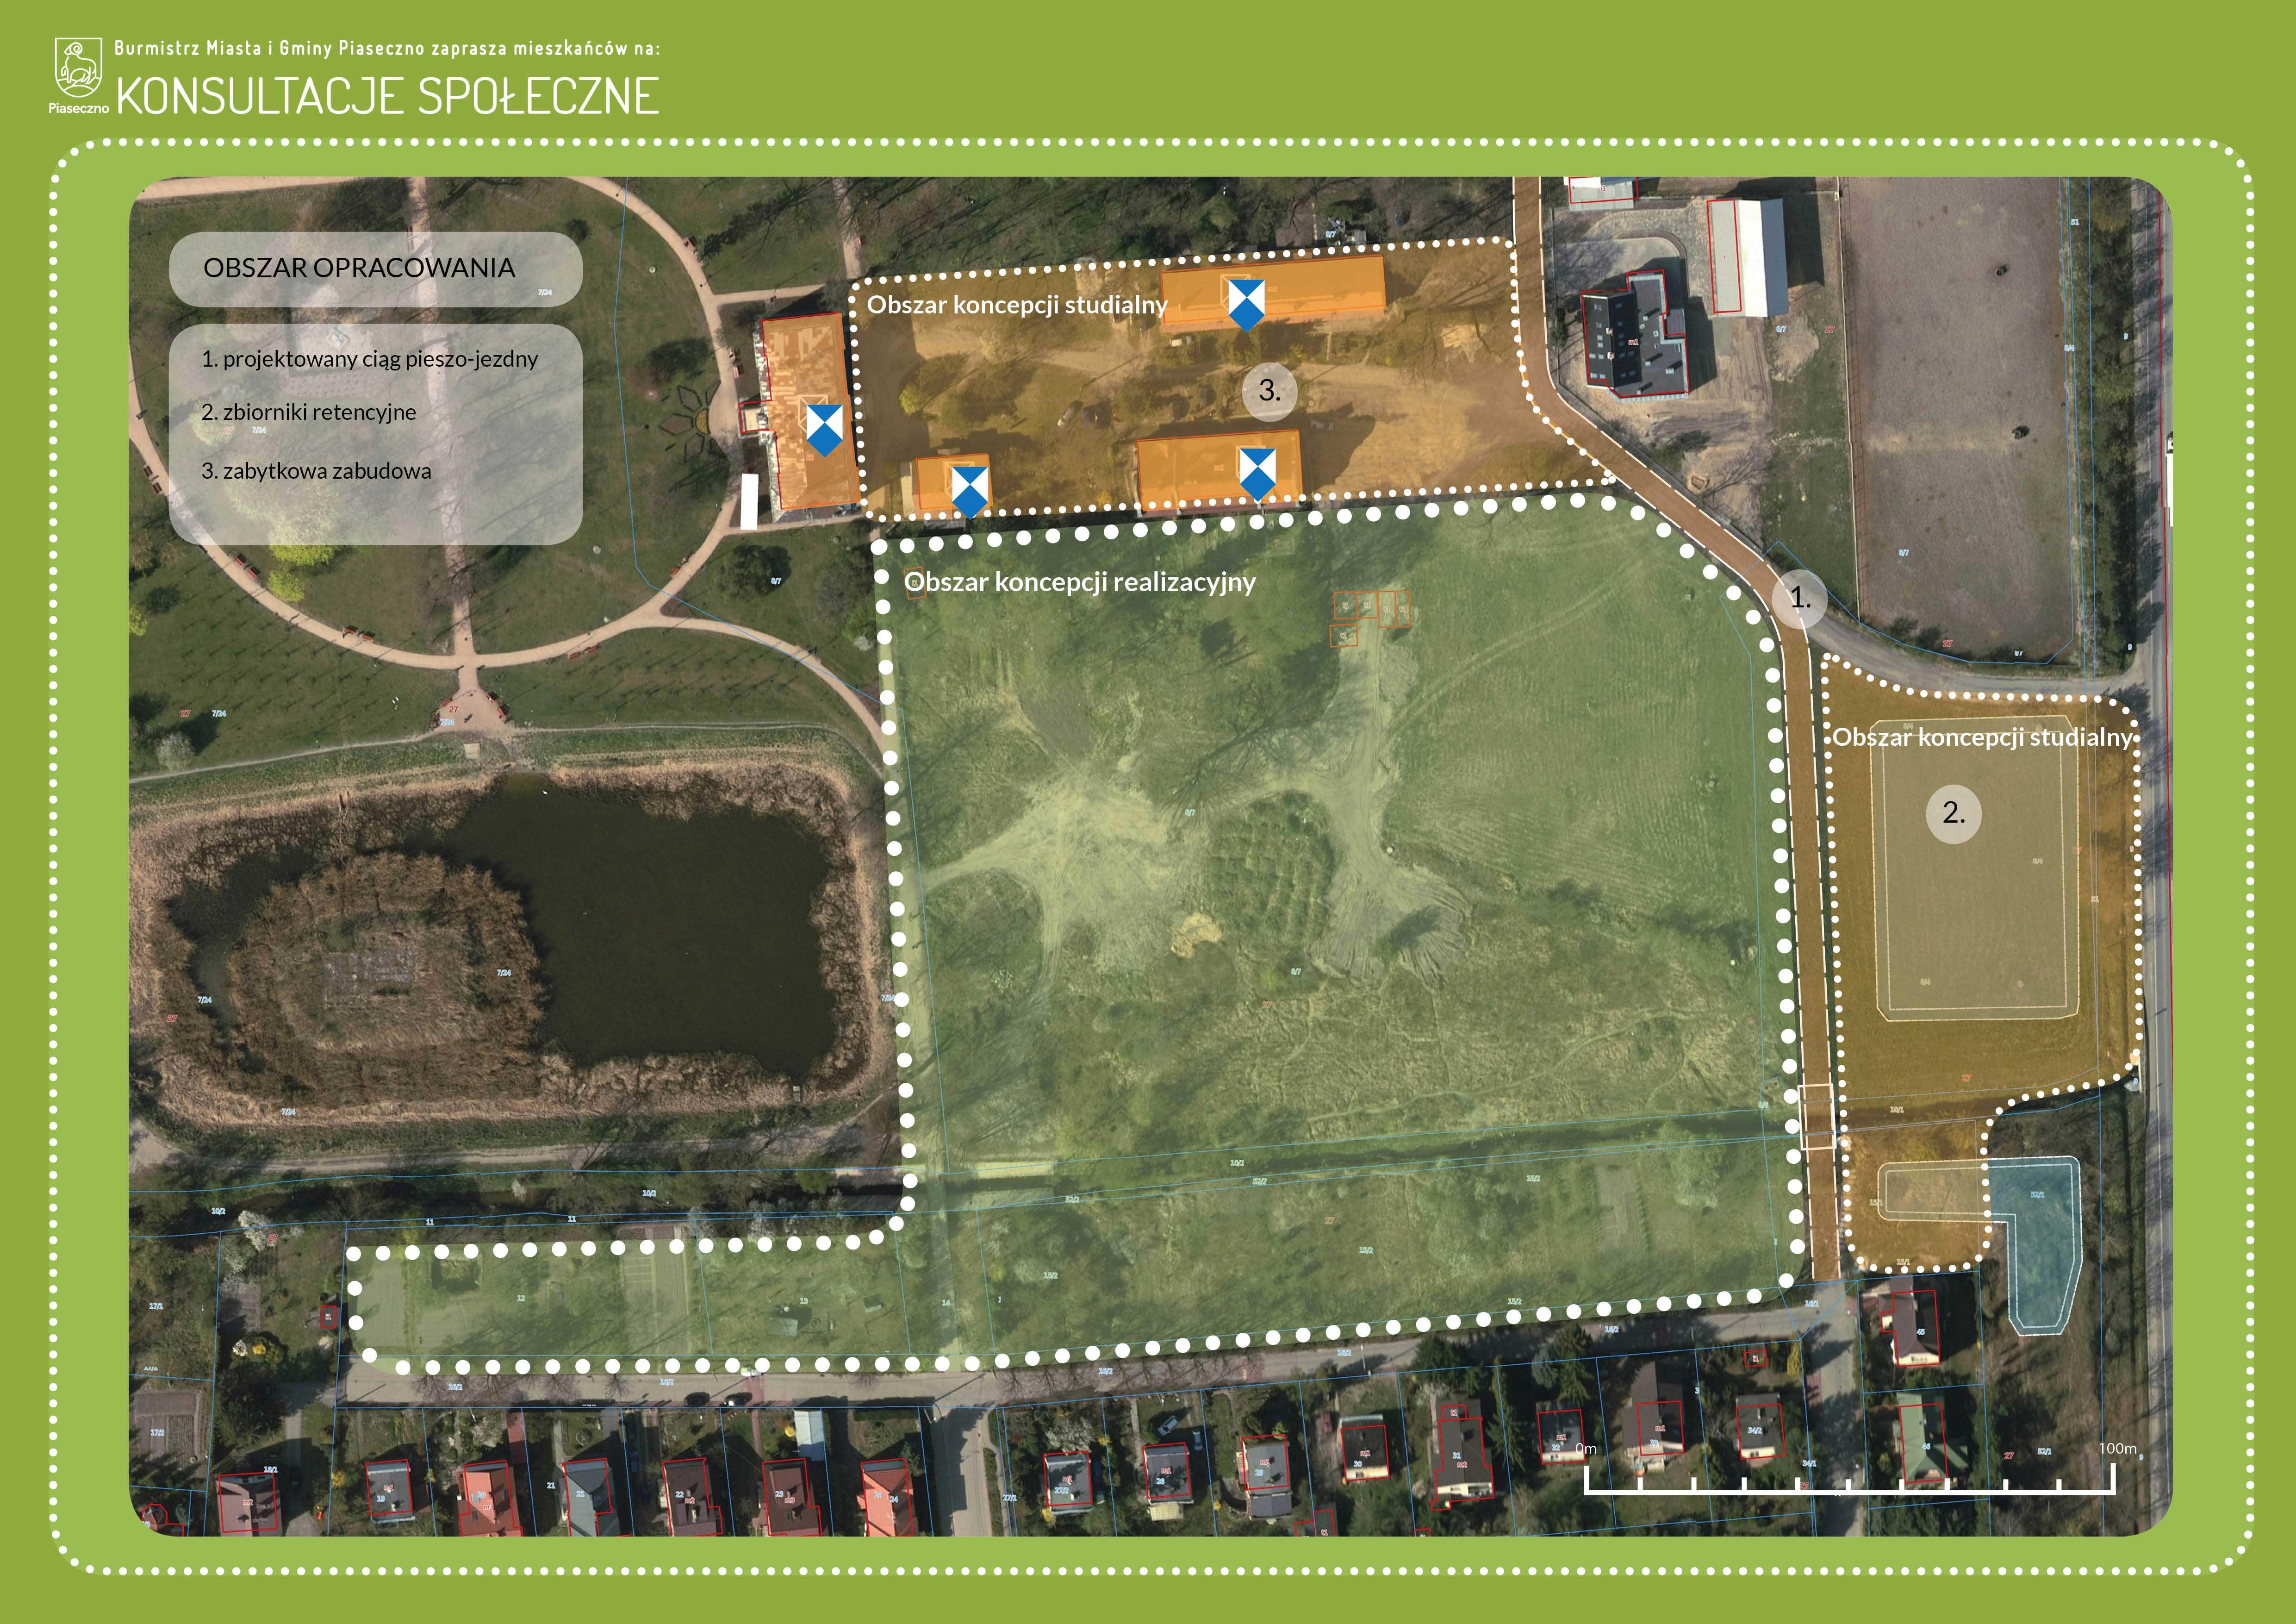 Powiększamy Park Miejski - Burmistrz Miasta I Gminy Piaseczno zaprasza mieszkańców na konsultacje społeczne